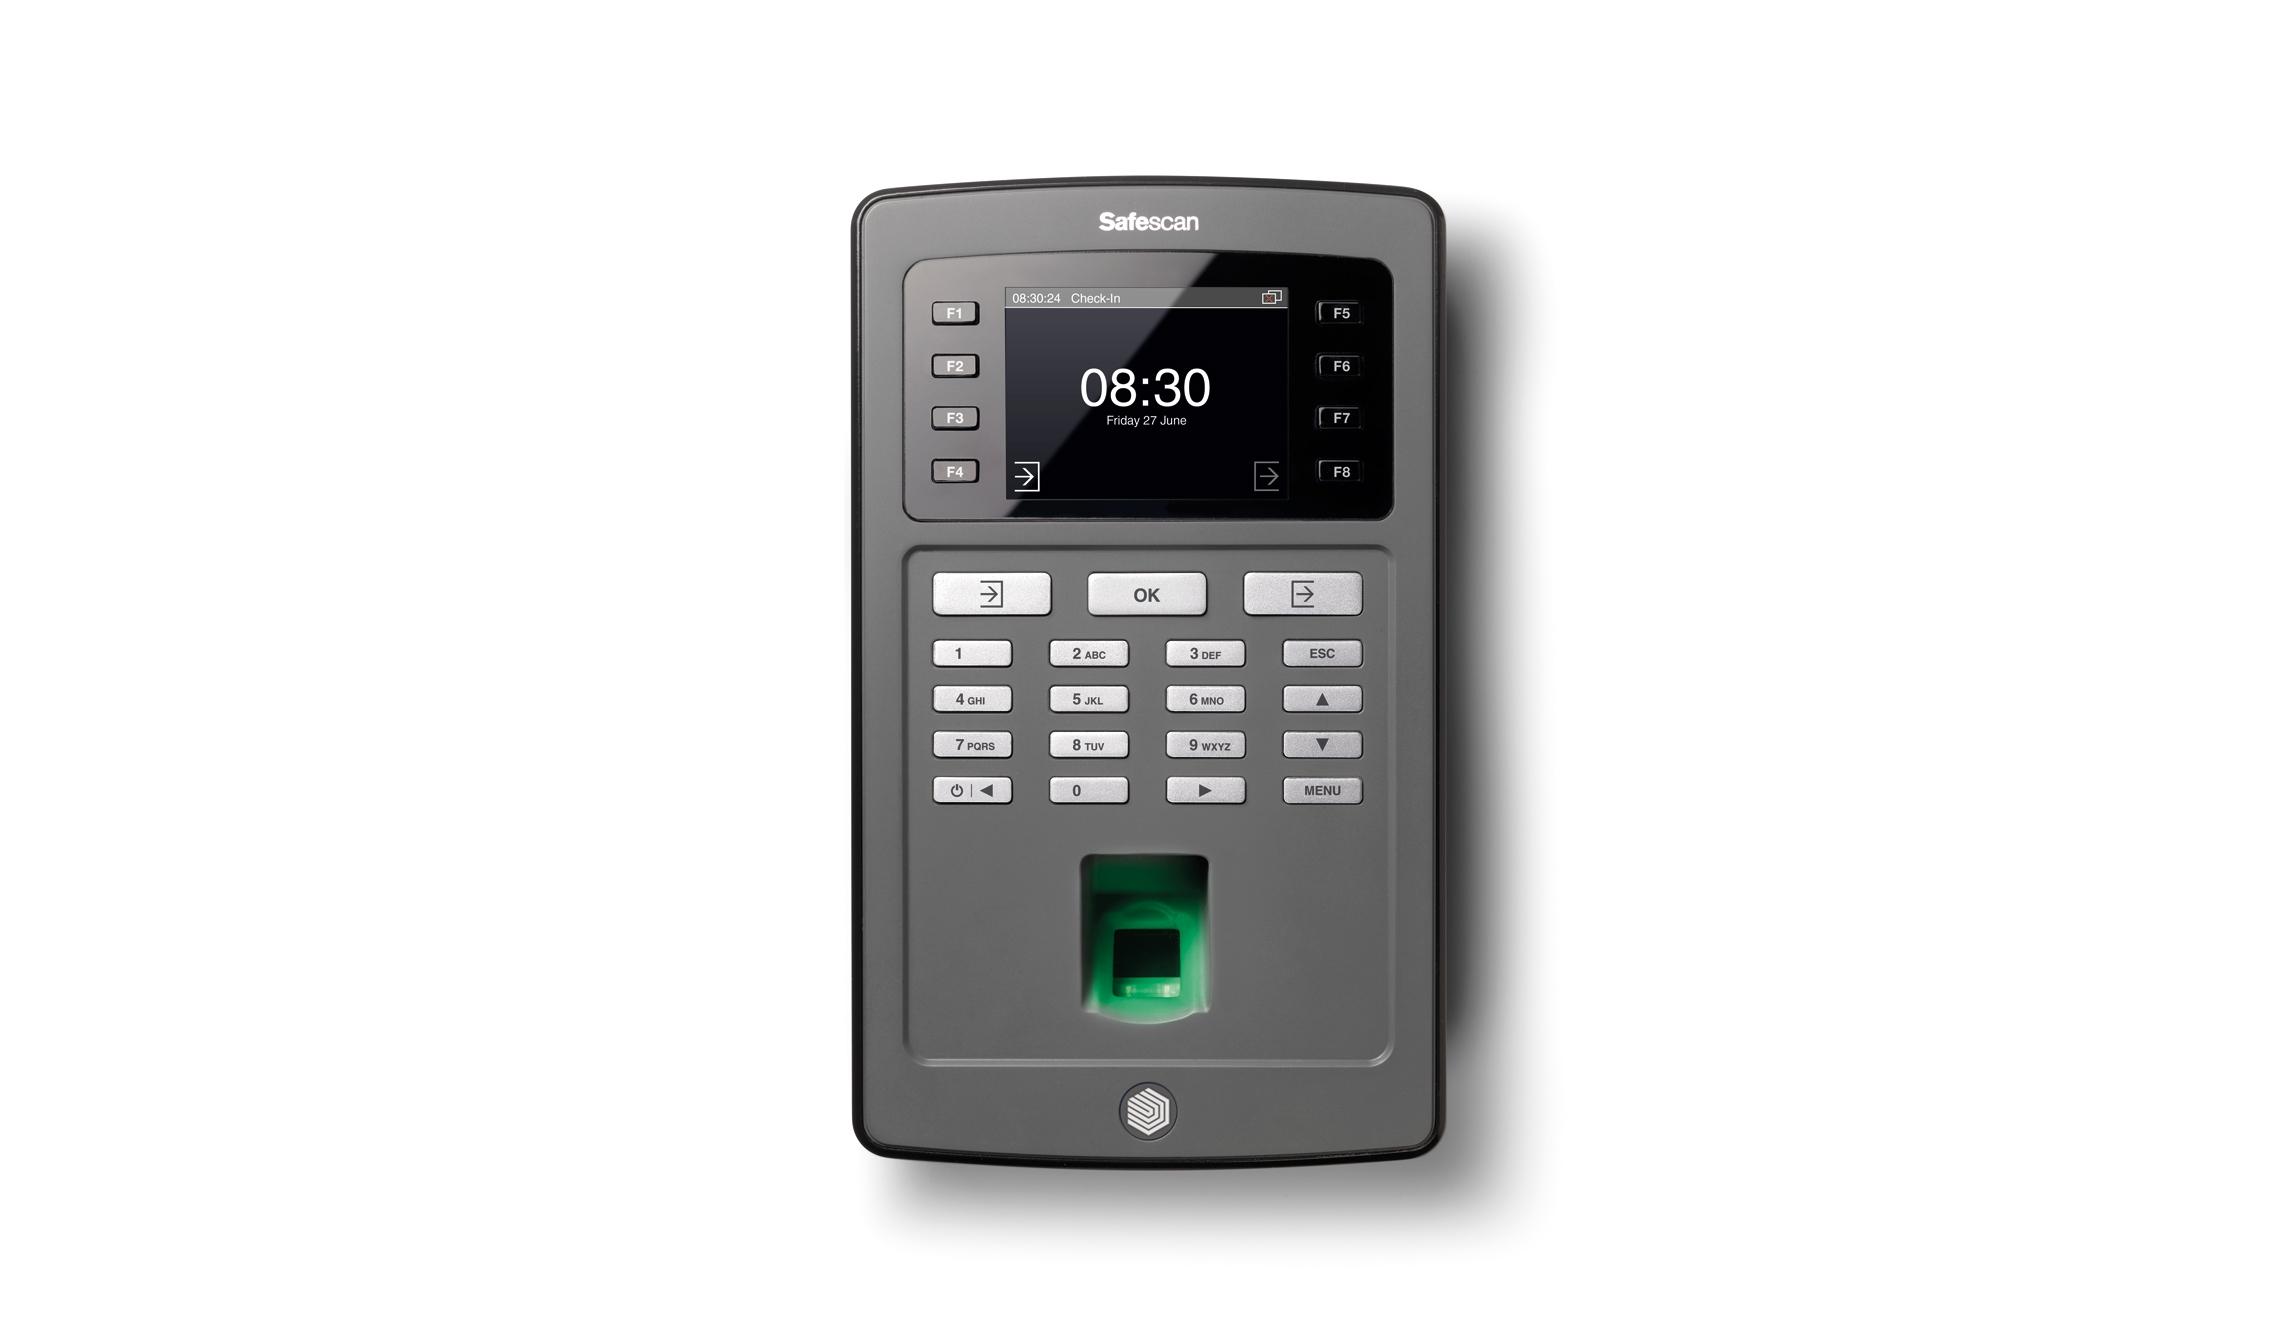 Image for Safescan TA-8030 Clocking in System Fingerprint Recognition Ref 125-0486